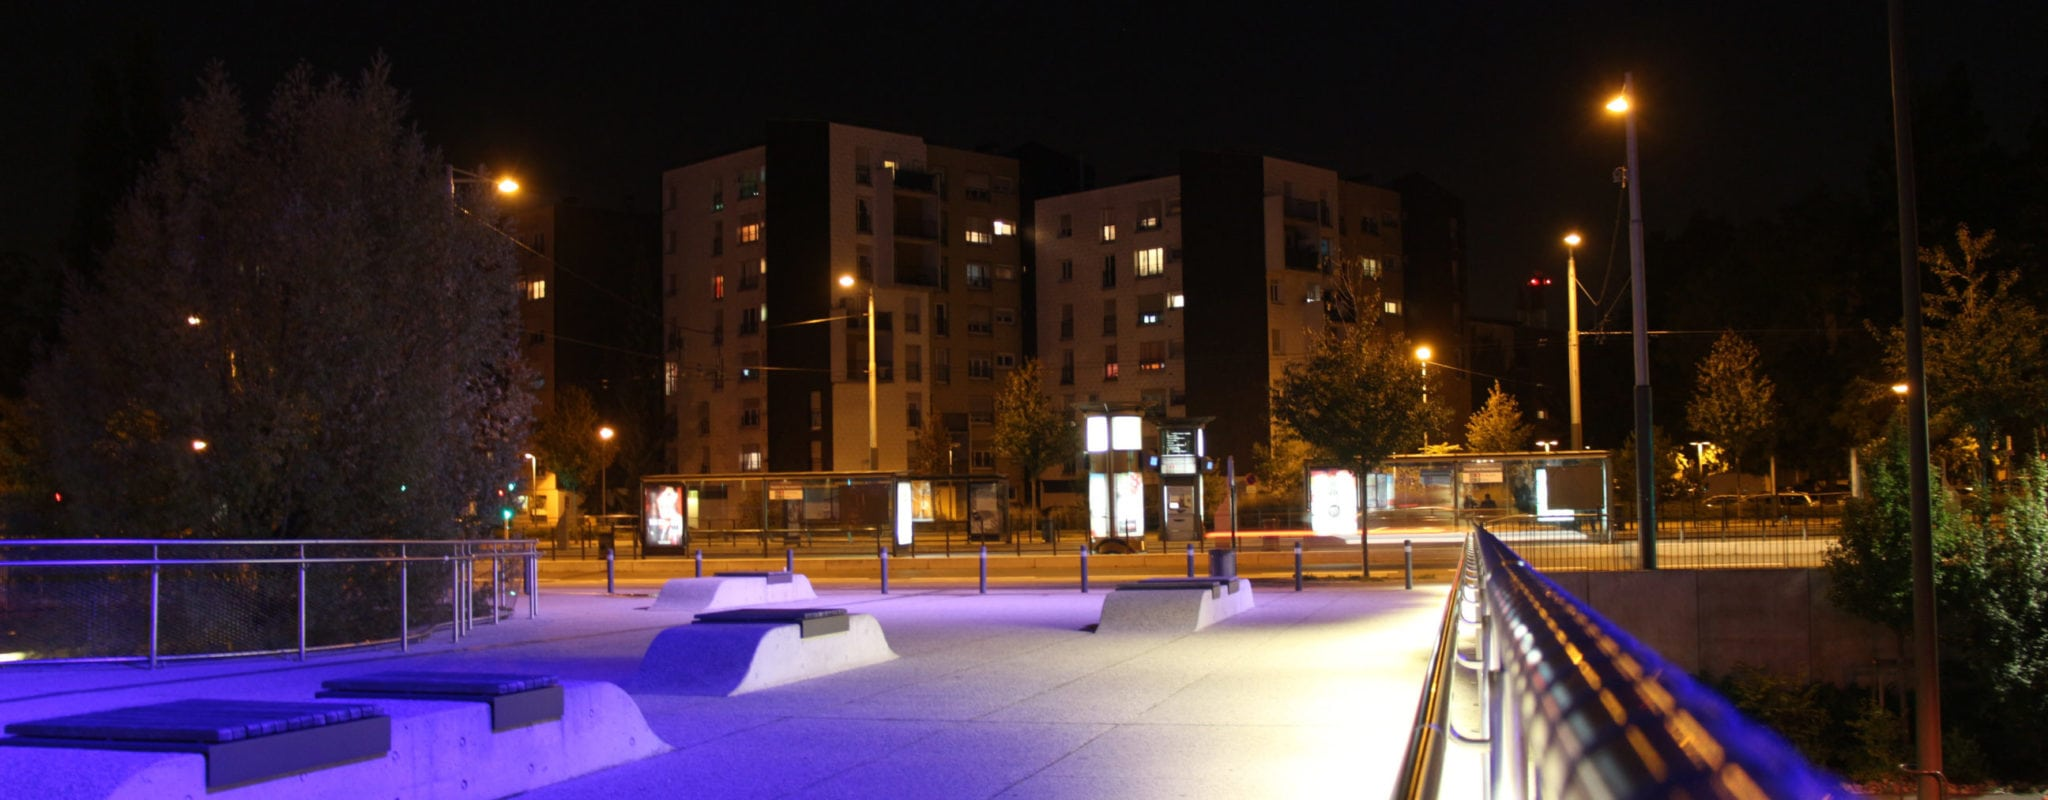 Face à l'hôpital, Strasbourg veut enlever des logements sociaux et se mettre au vert